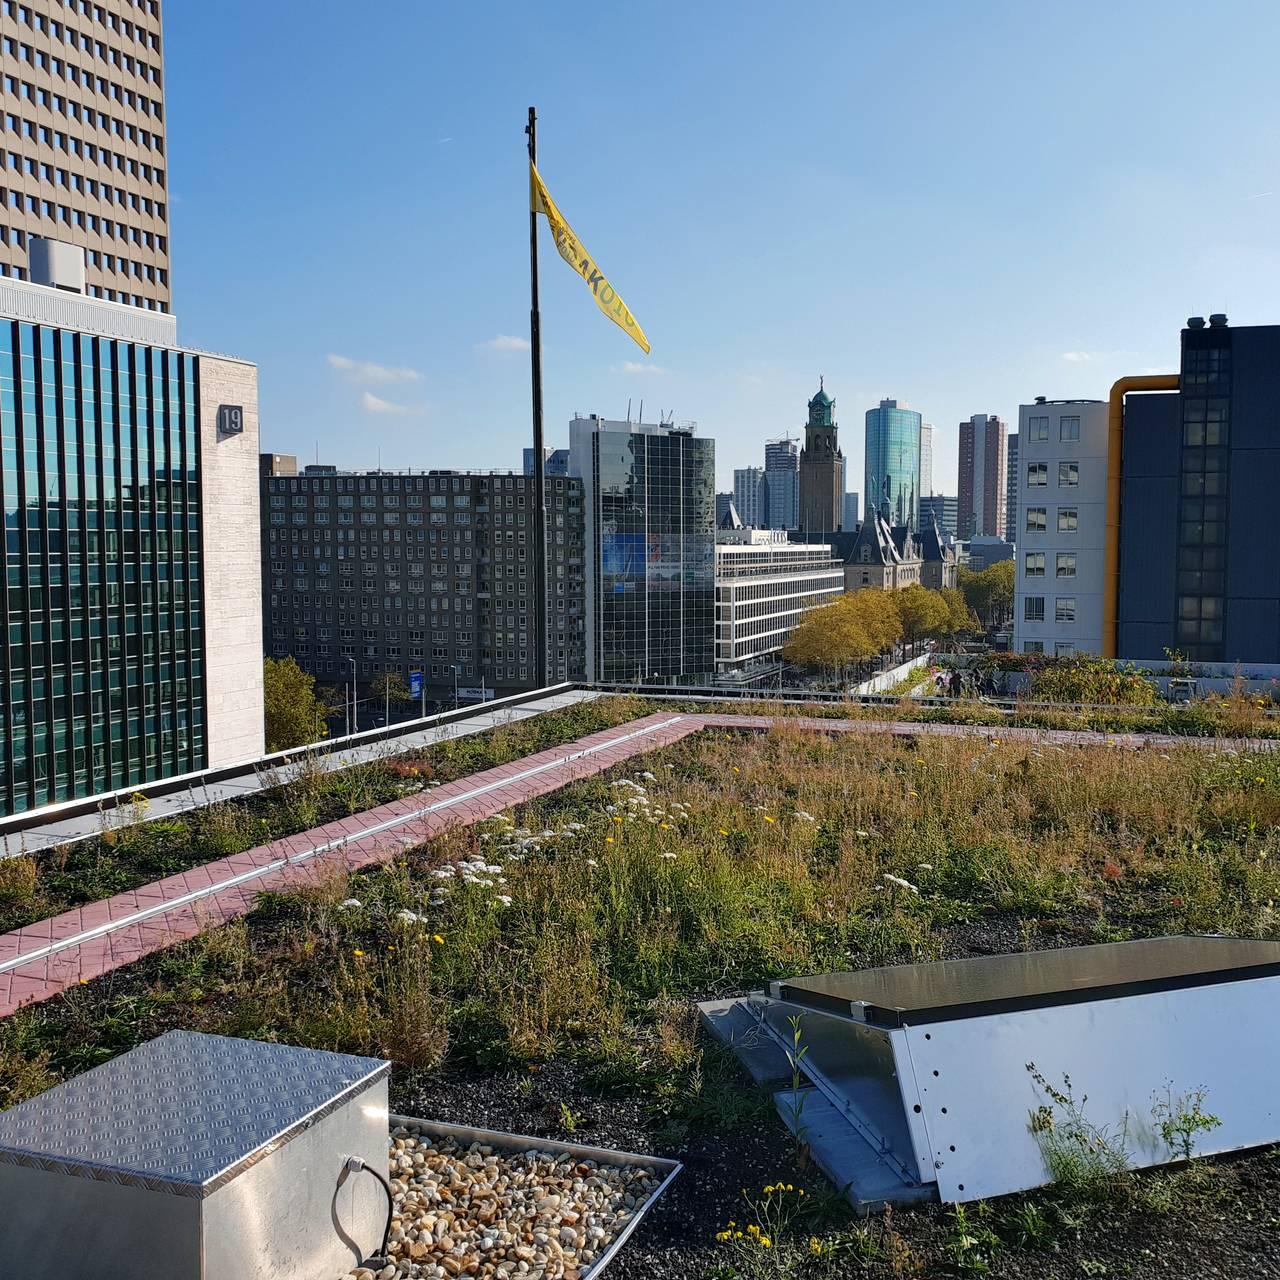 Smarttaket styres direkte av værmeldingen i Nederland. Det sørger for vann til de store hagene på taket under.